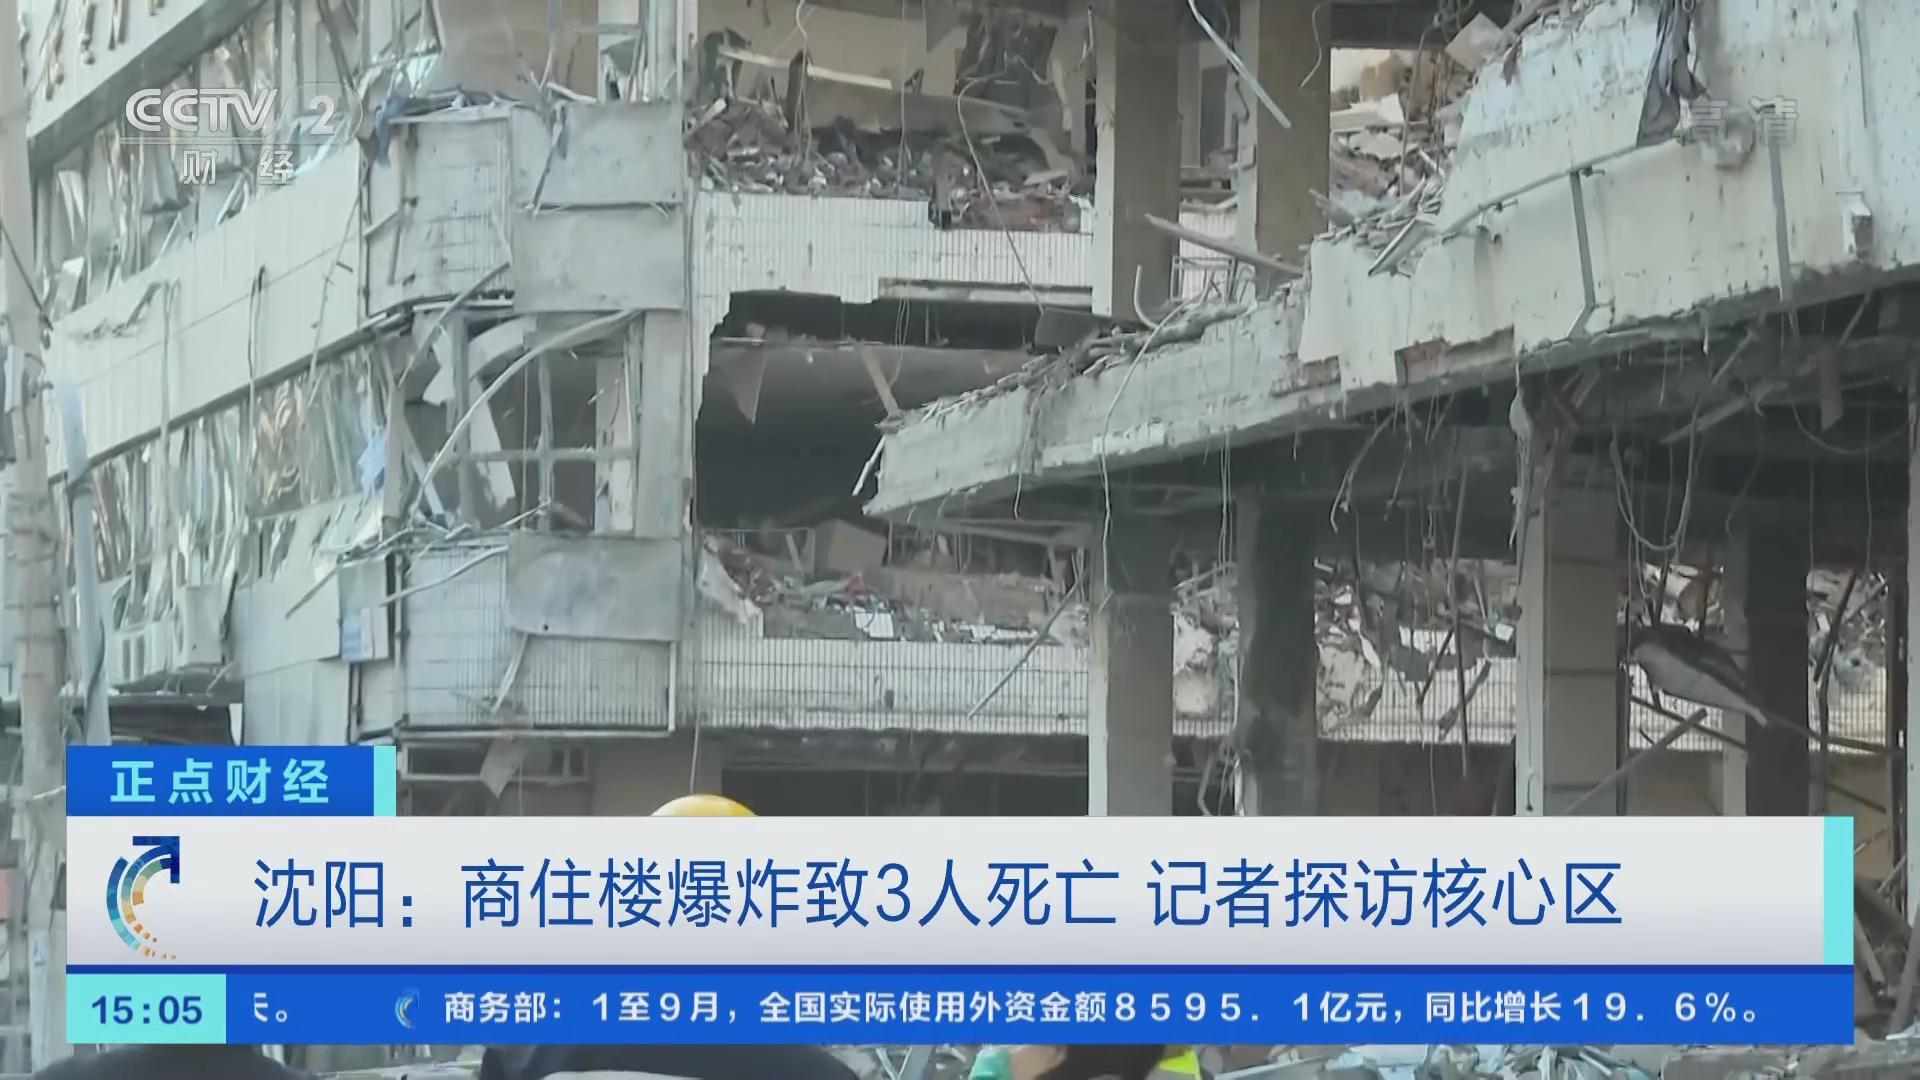 [正点财经]辽宁沈阳:太原南街一饭店发生燃气爆炸